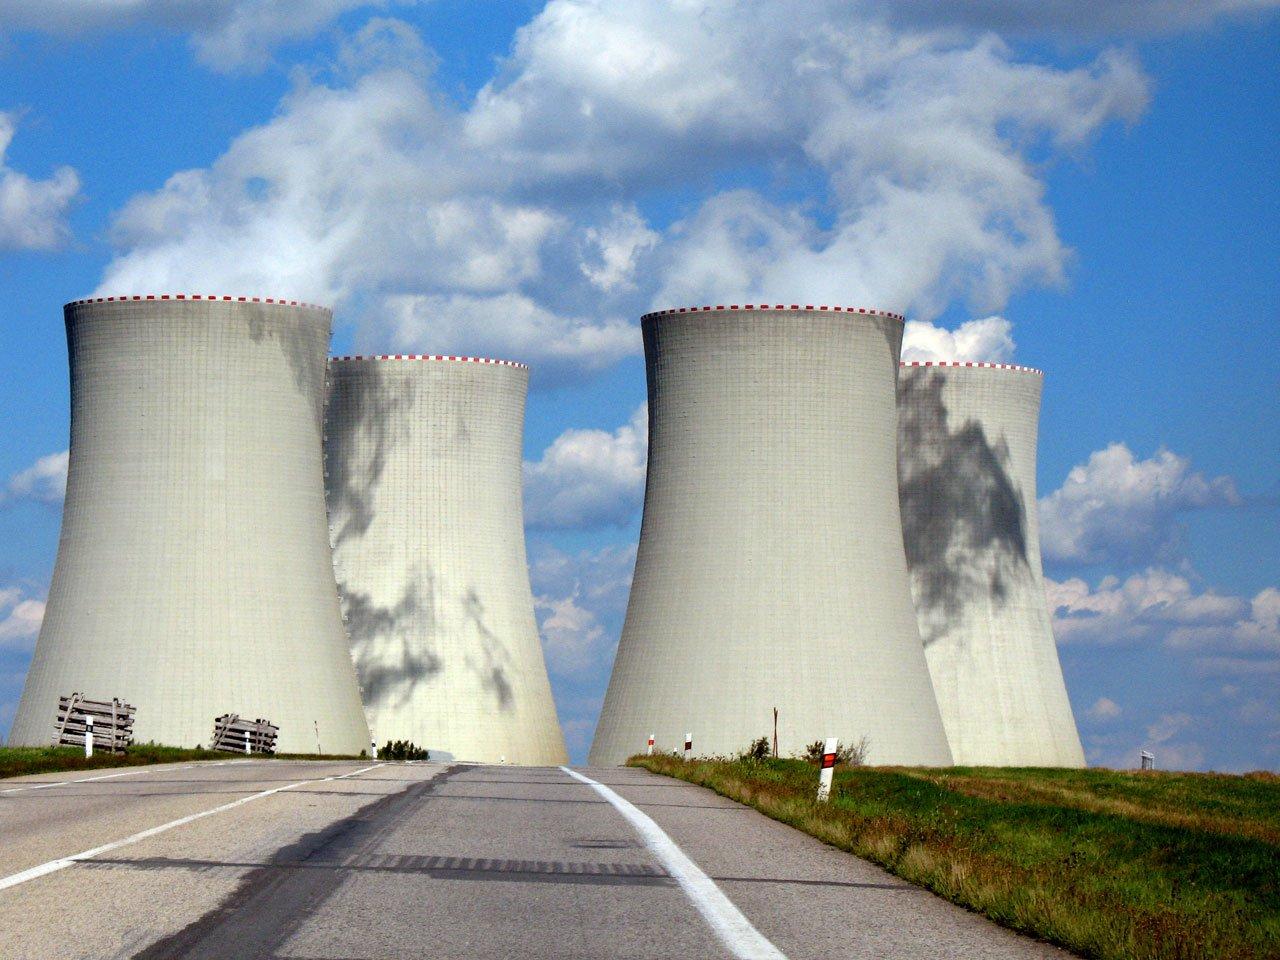 生态环境部核辐射隐患排查 关注环境监测情况